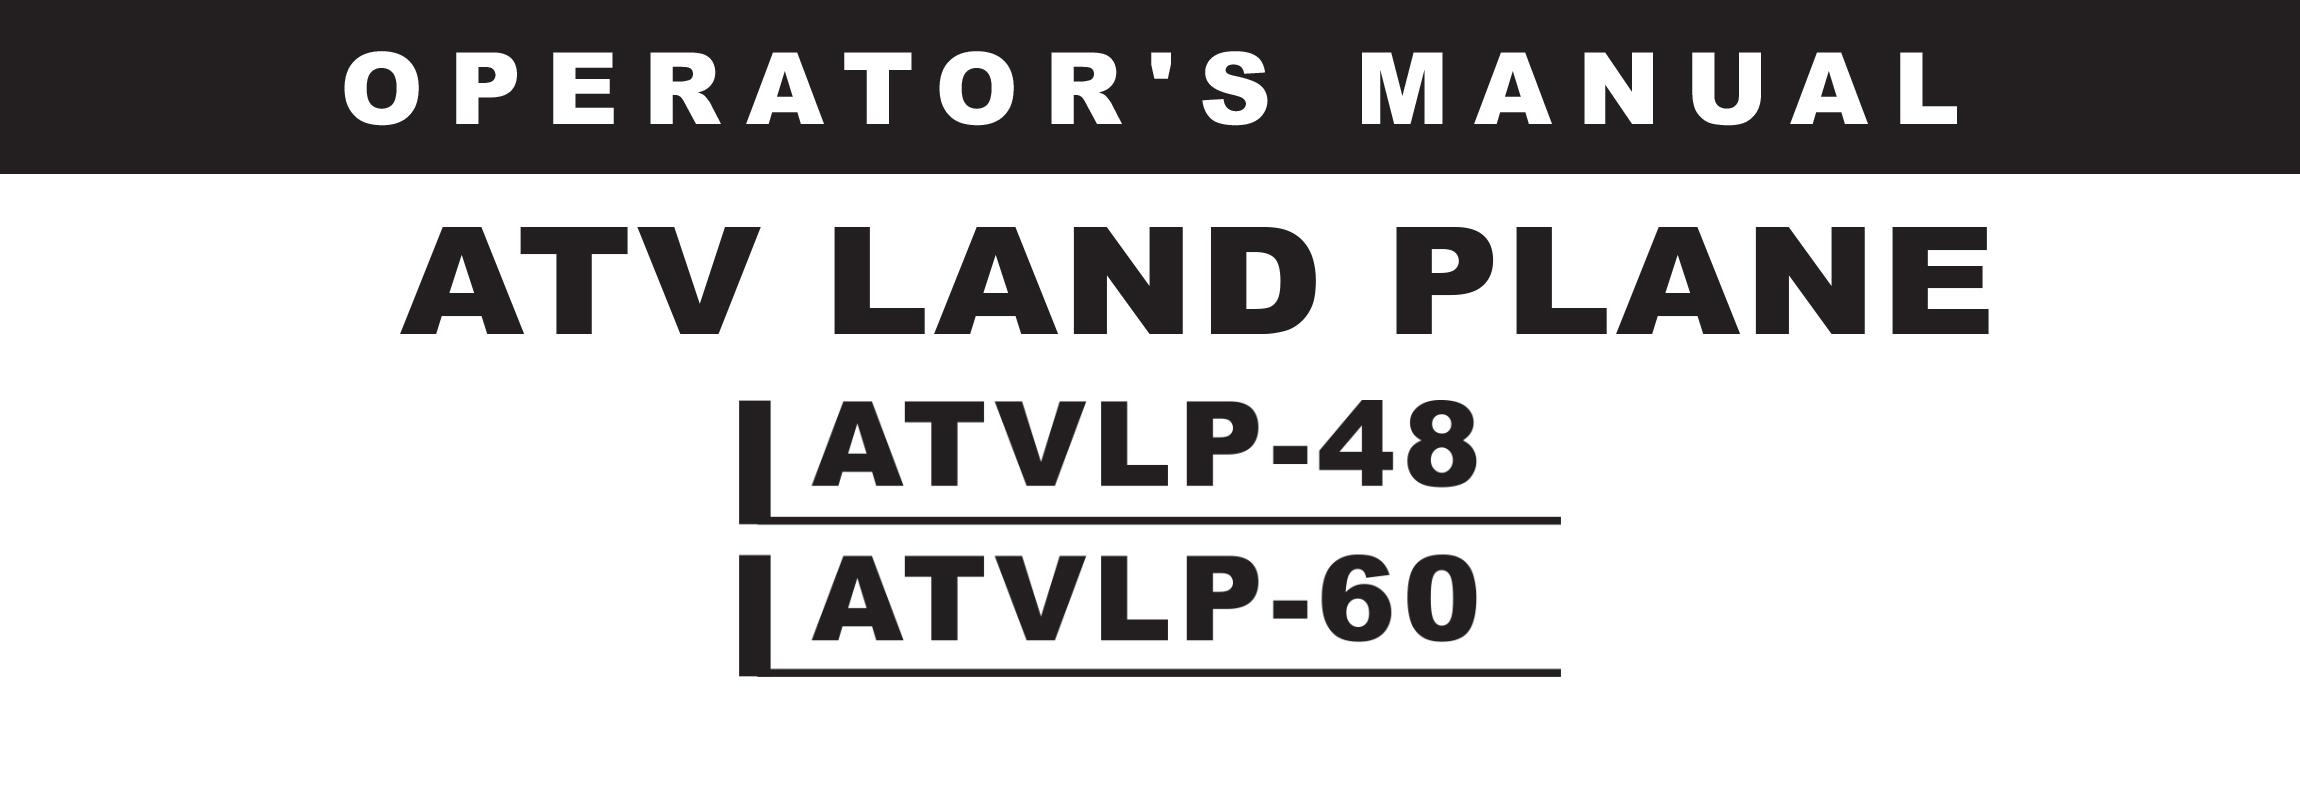 ATVLP Series Owners Manual